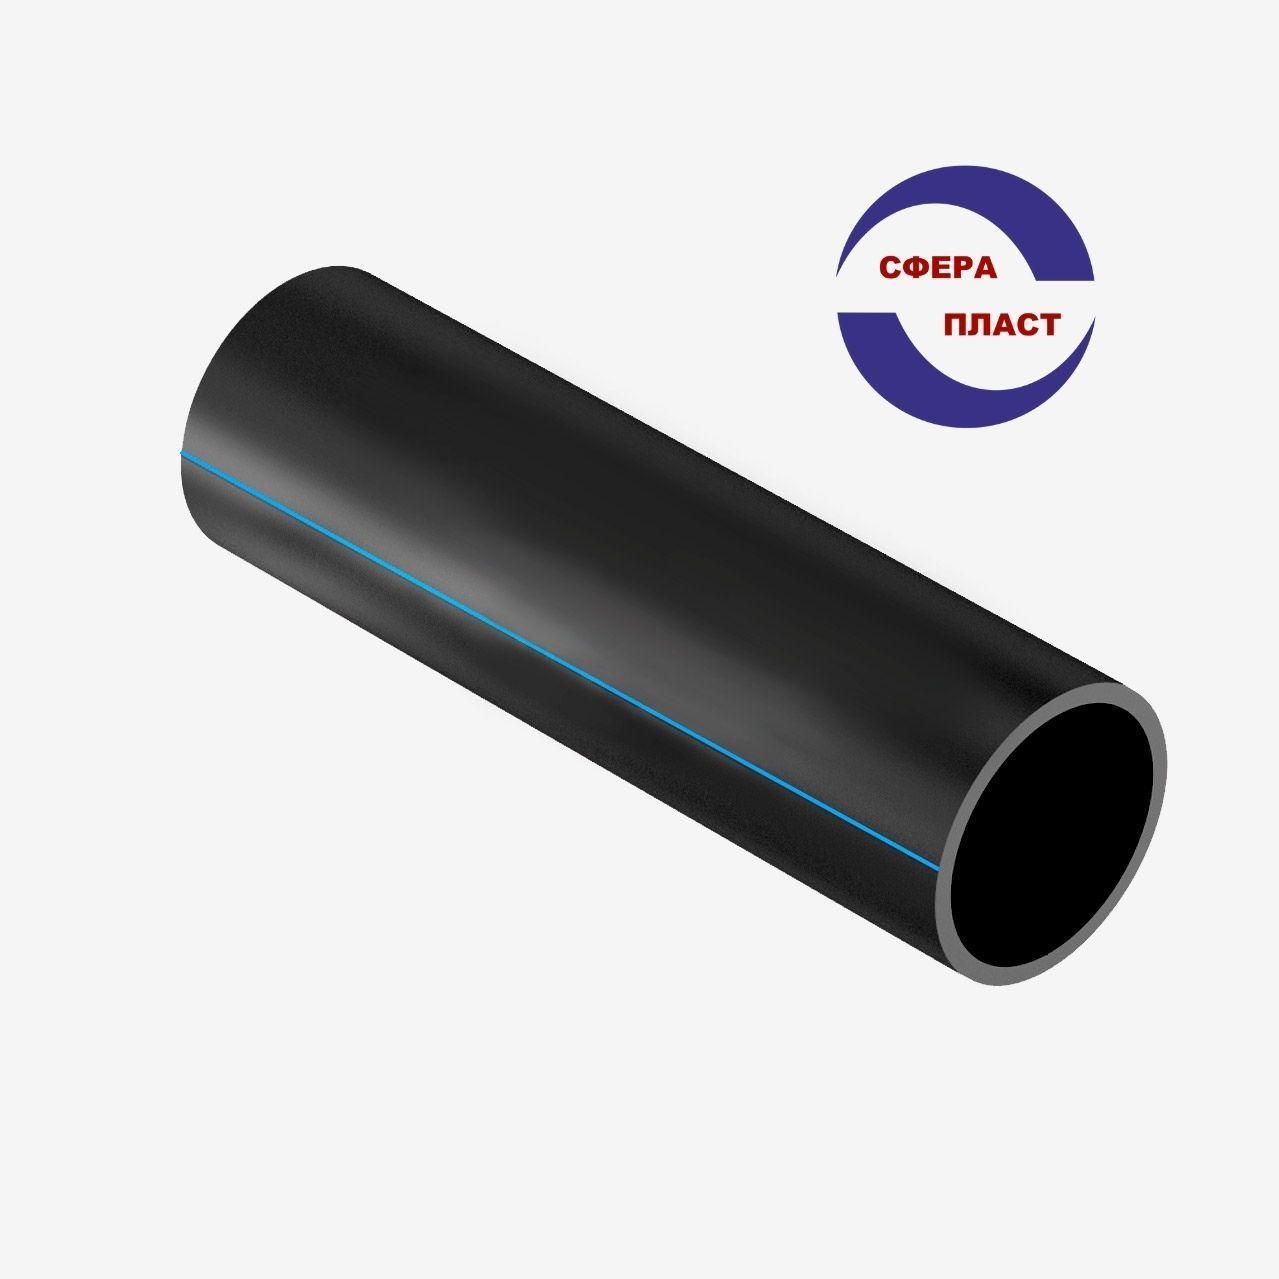 Труба Ду-225x13,4 SDR17 (10 атм) полиэтиленовая ПЭ-100